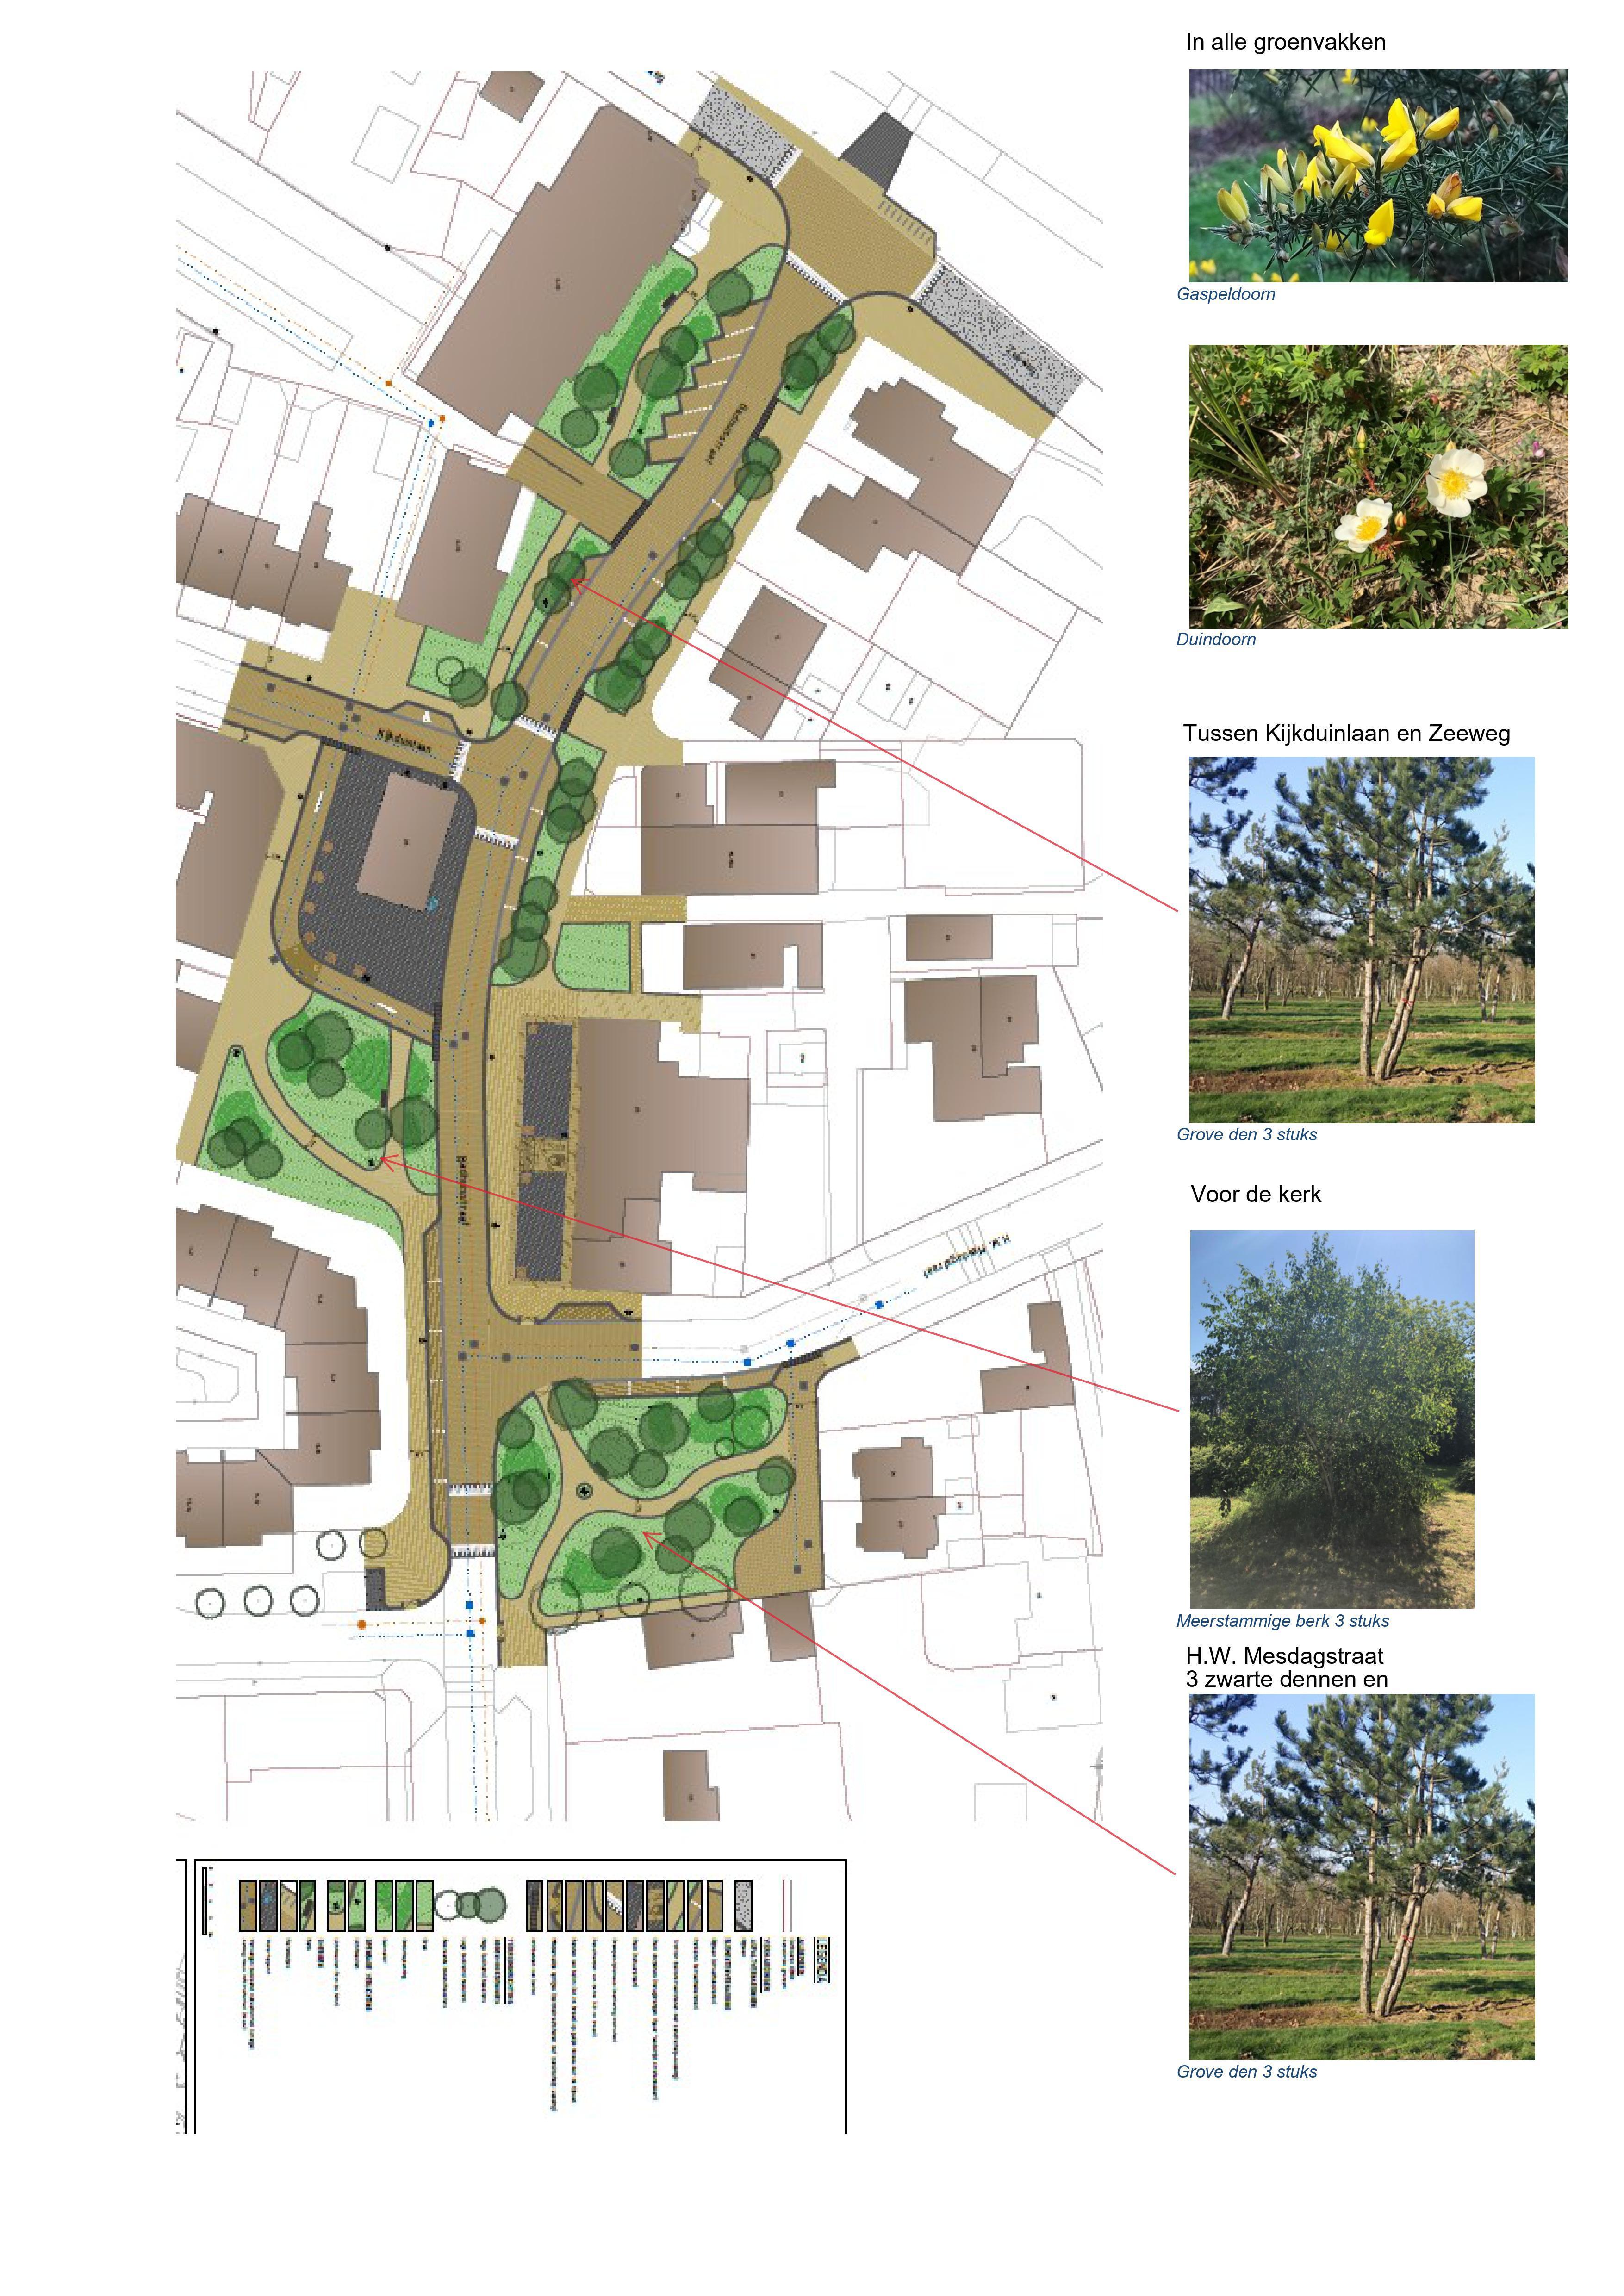 Volgend jaar begin met inrichting nieuw dorpsplein Huisduinen